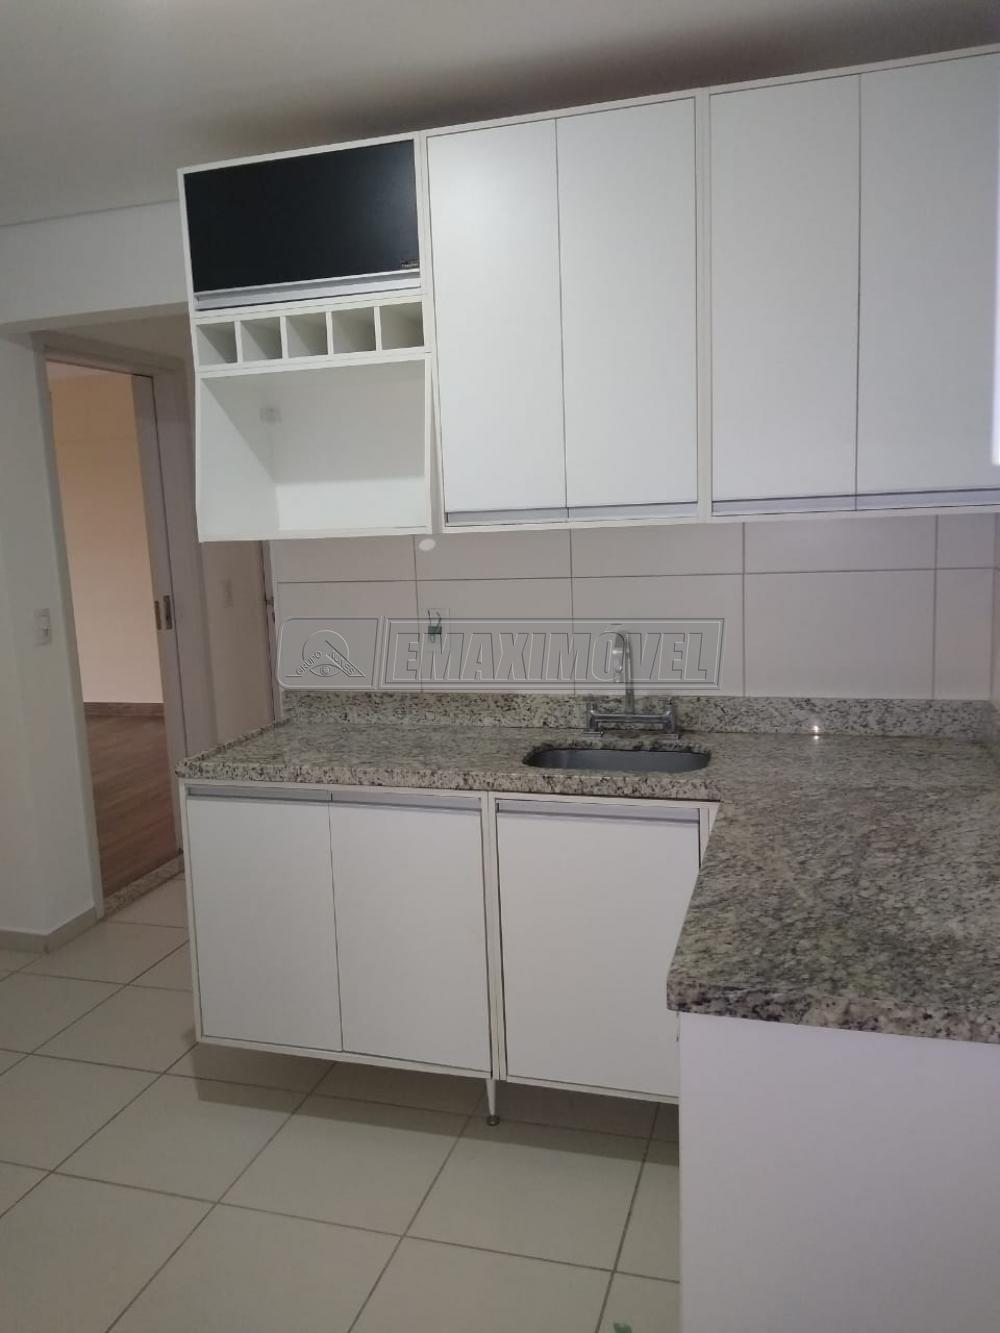 Comprar Apartamentos / Apto Padrão em Sorocaba apenas R$ 490.000,00 - Foto 15